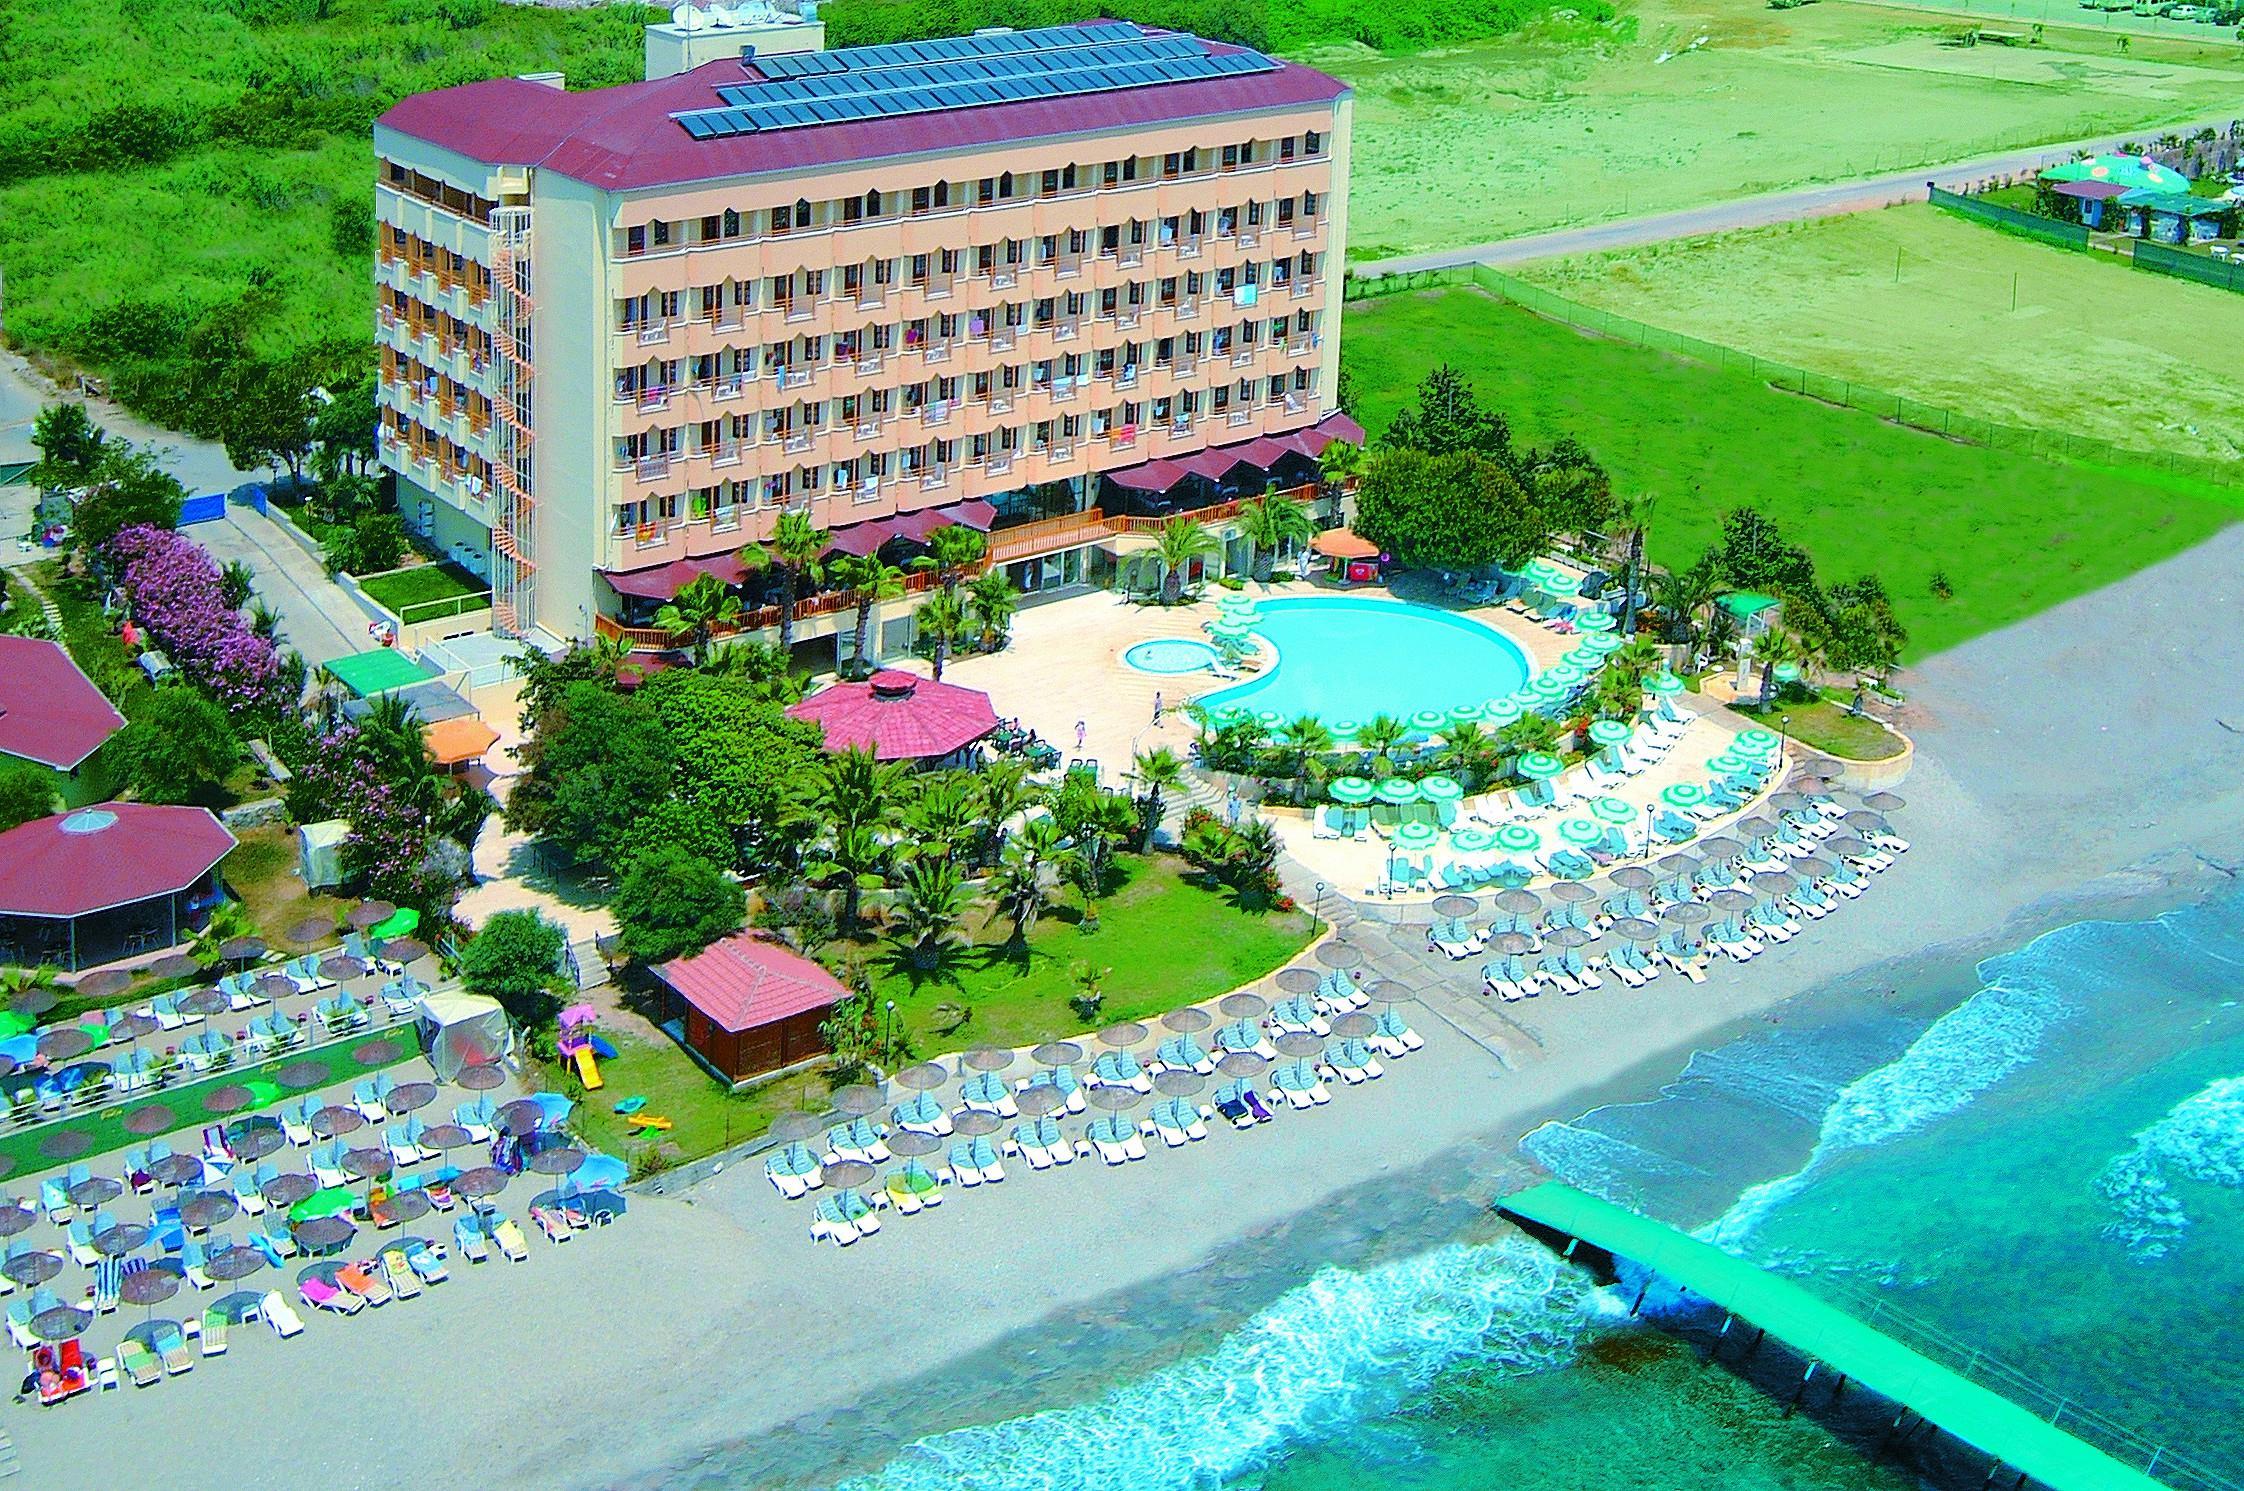 anitas-hotel-000